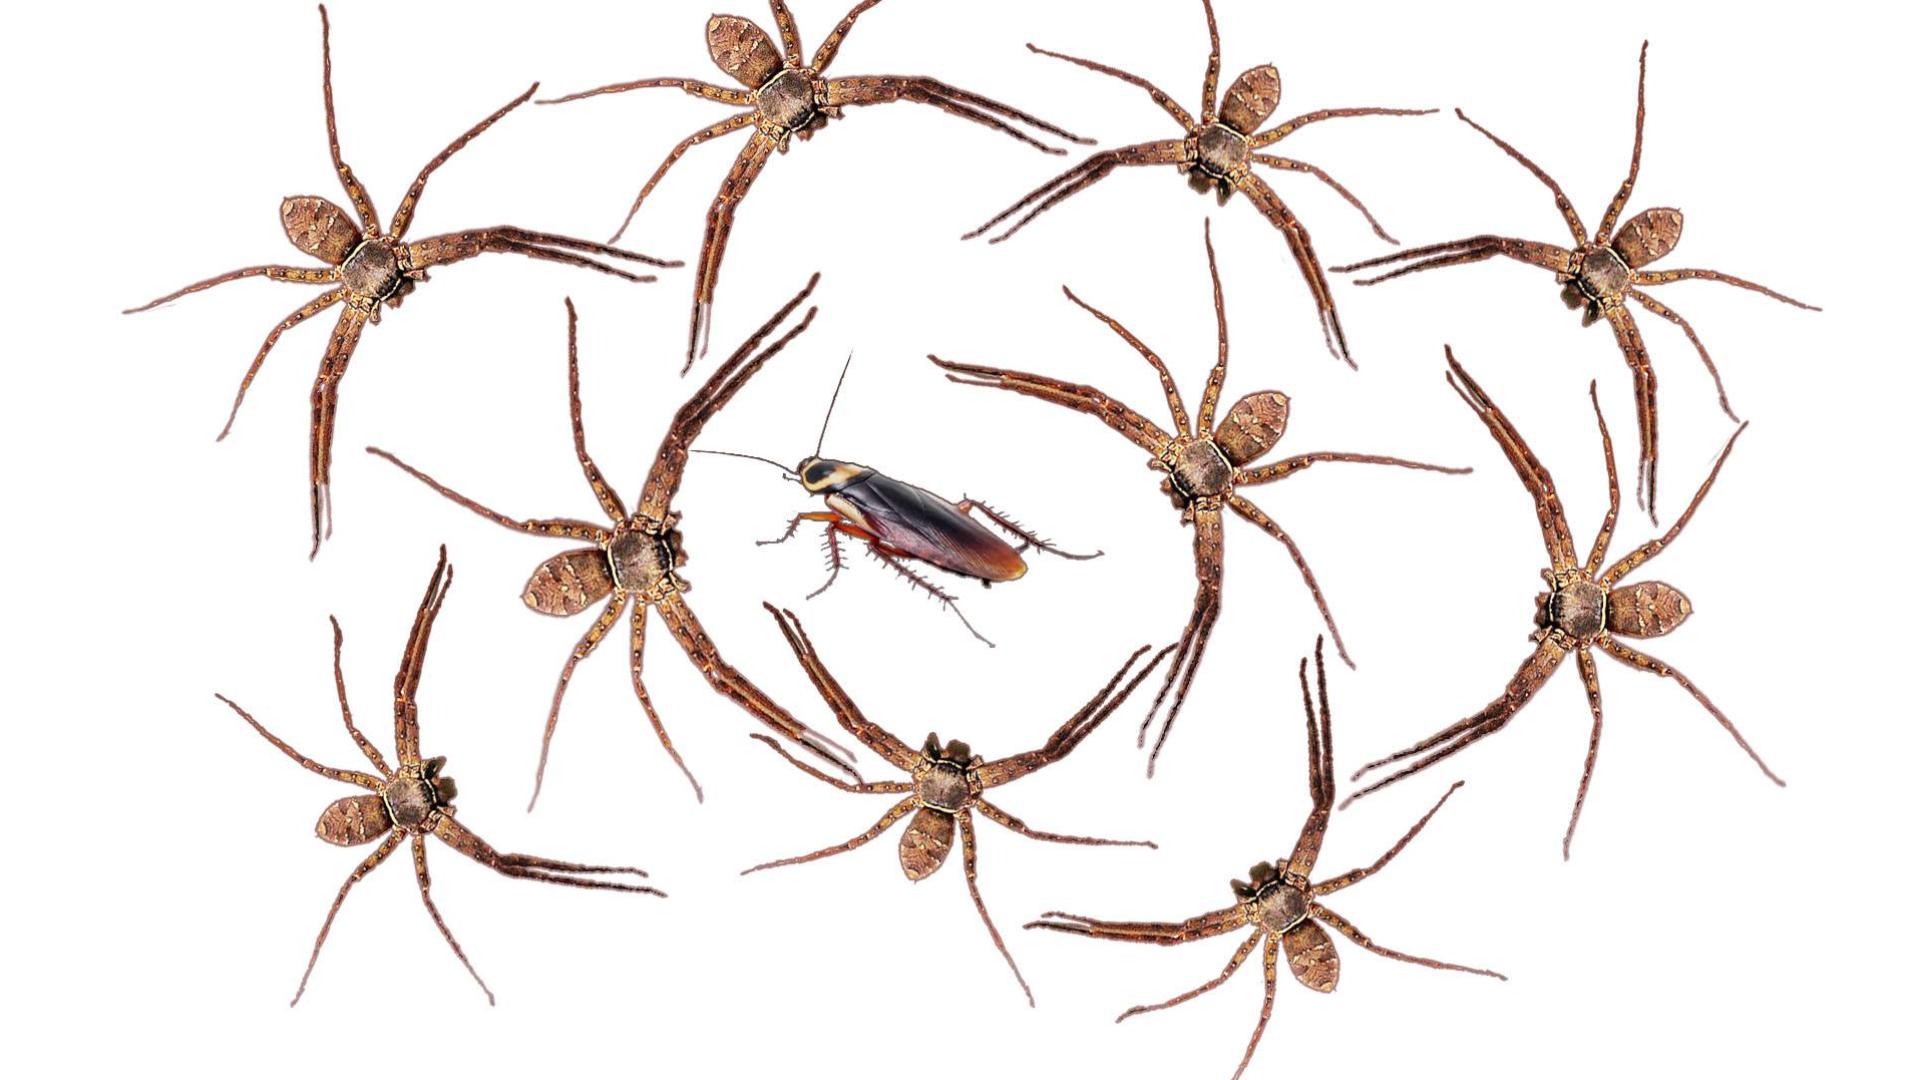 【电锯惊魂】一只小强放进有10只白额高脚蛛的密封盒里,撑过10分钟就放了它